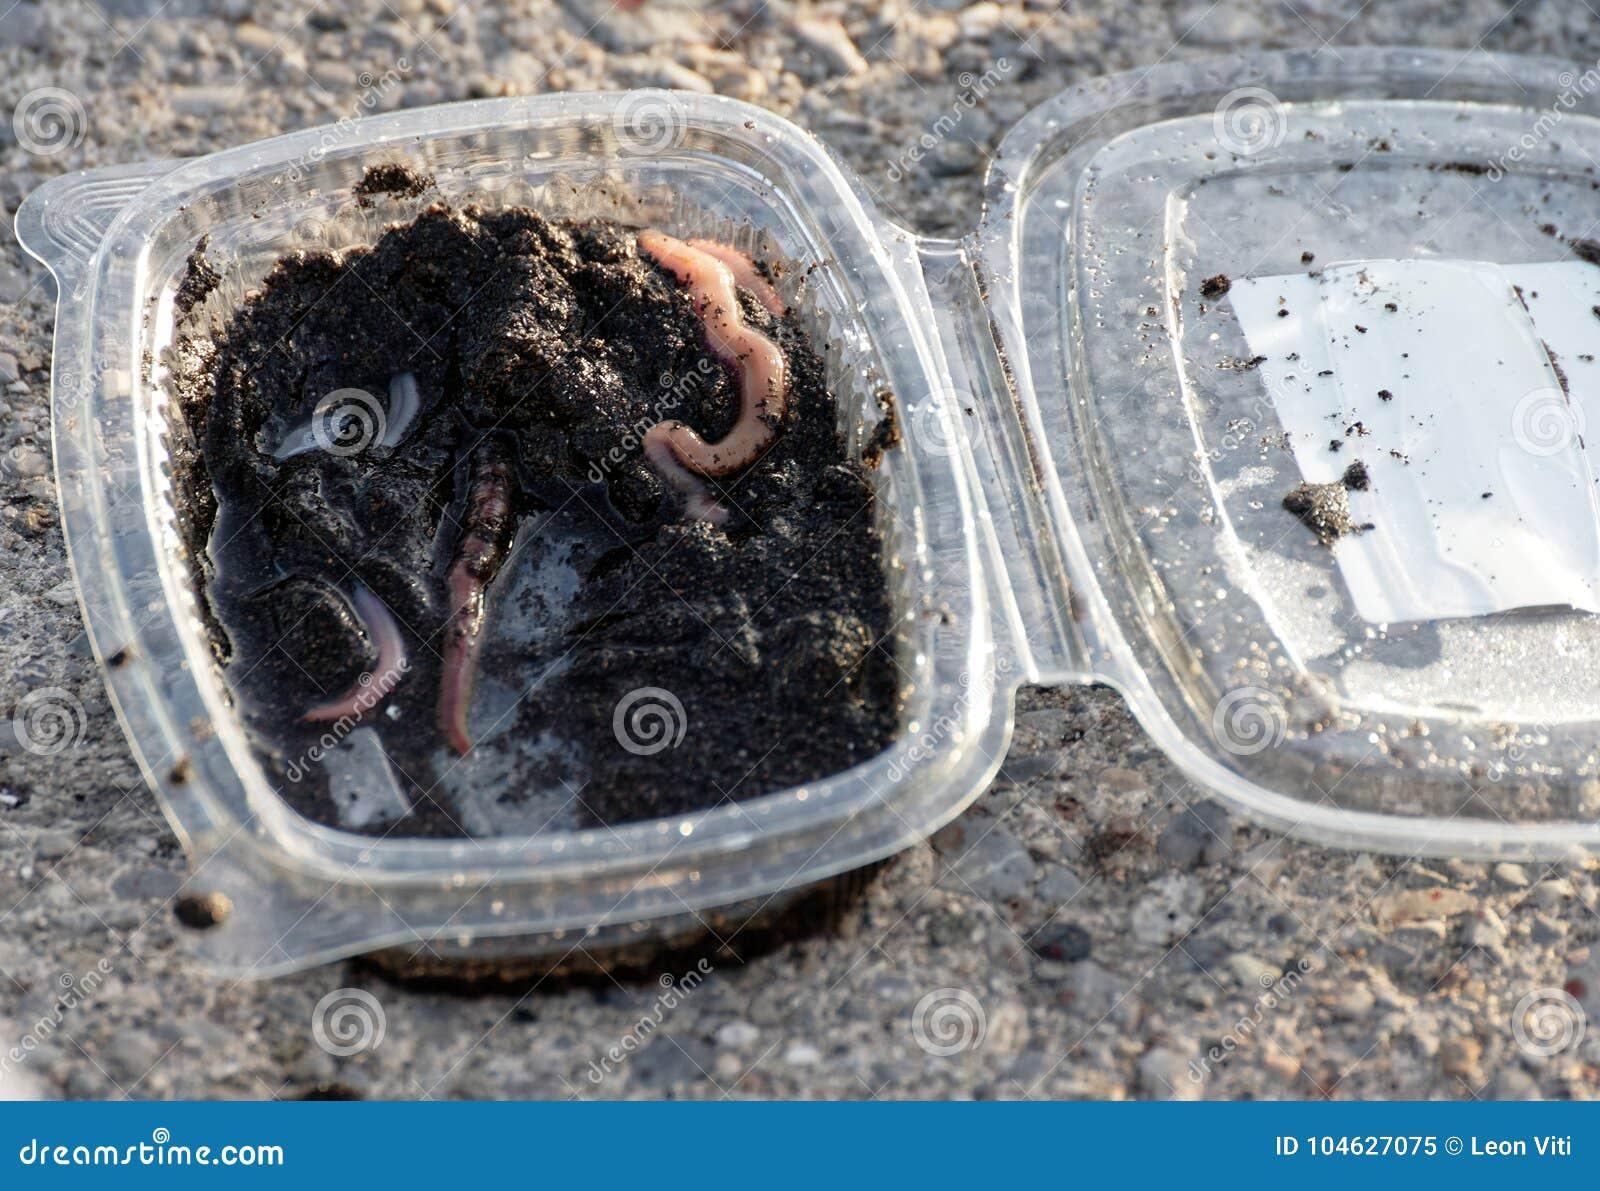 Download Worm Voor Visserij Geroepen Americano Stock Afbeelding - Afbeelding bestaande uit squirm, invertebrate: 104627075